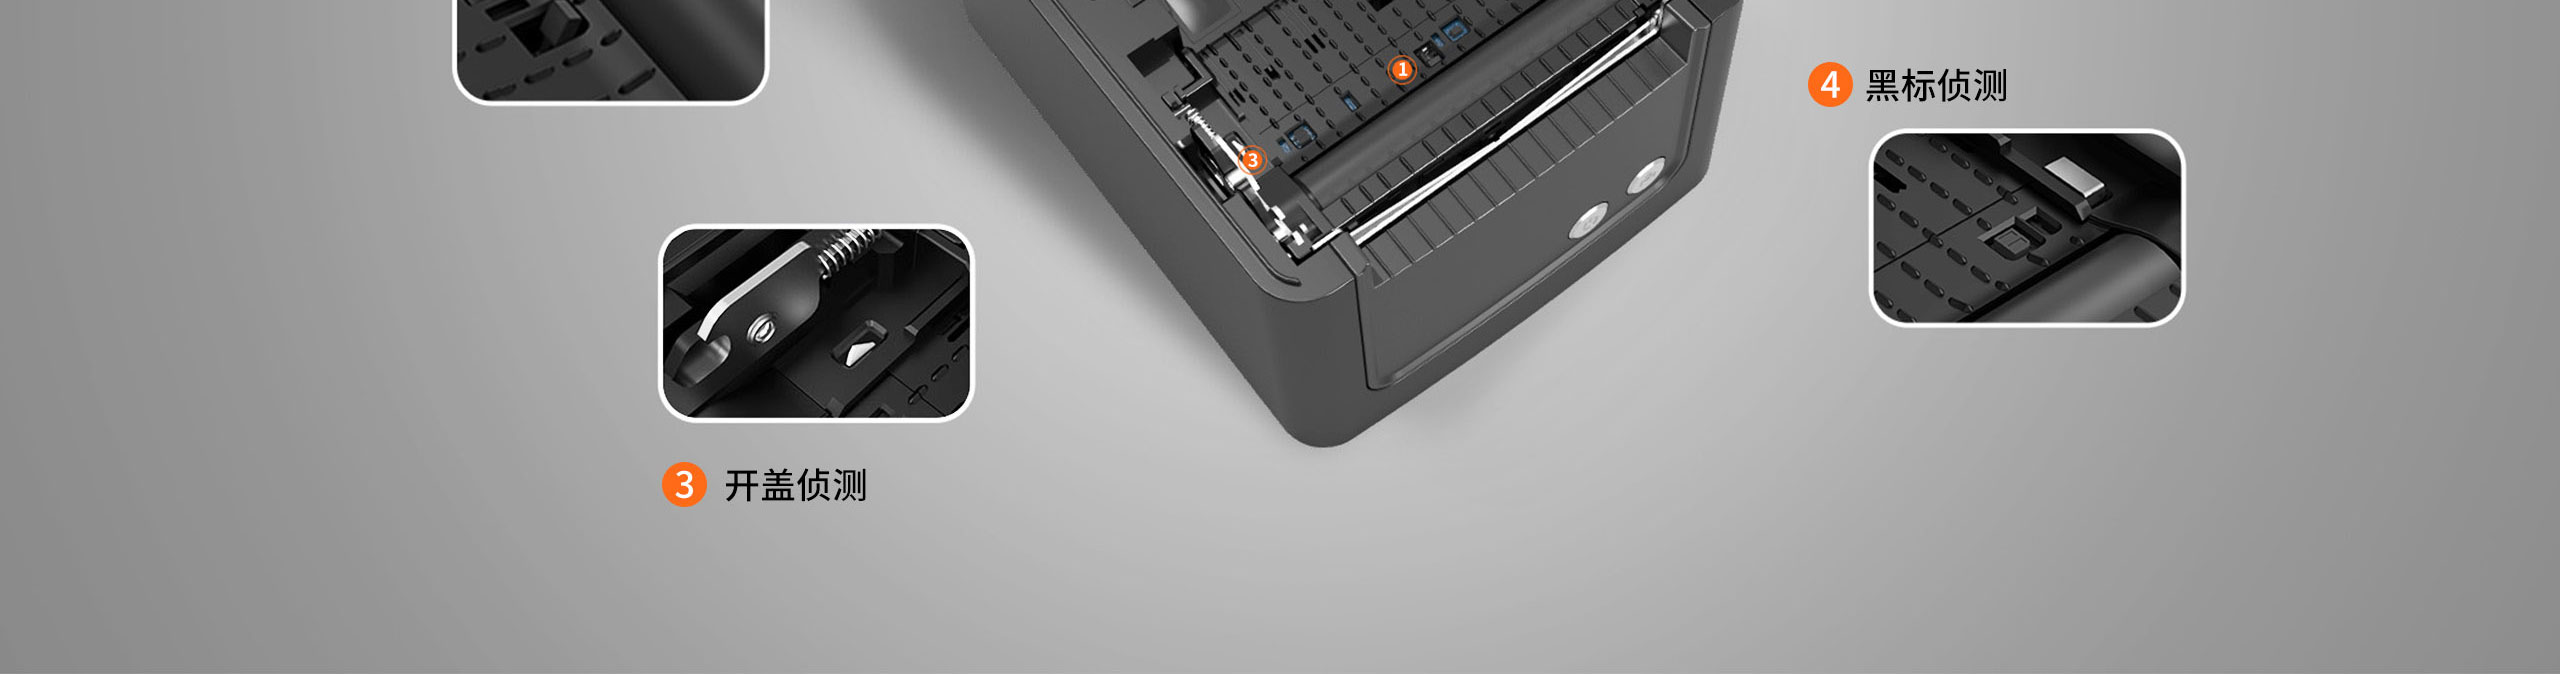 TP809热敏票据打印机,黑白两色可选  第27张